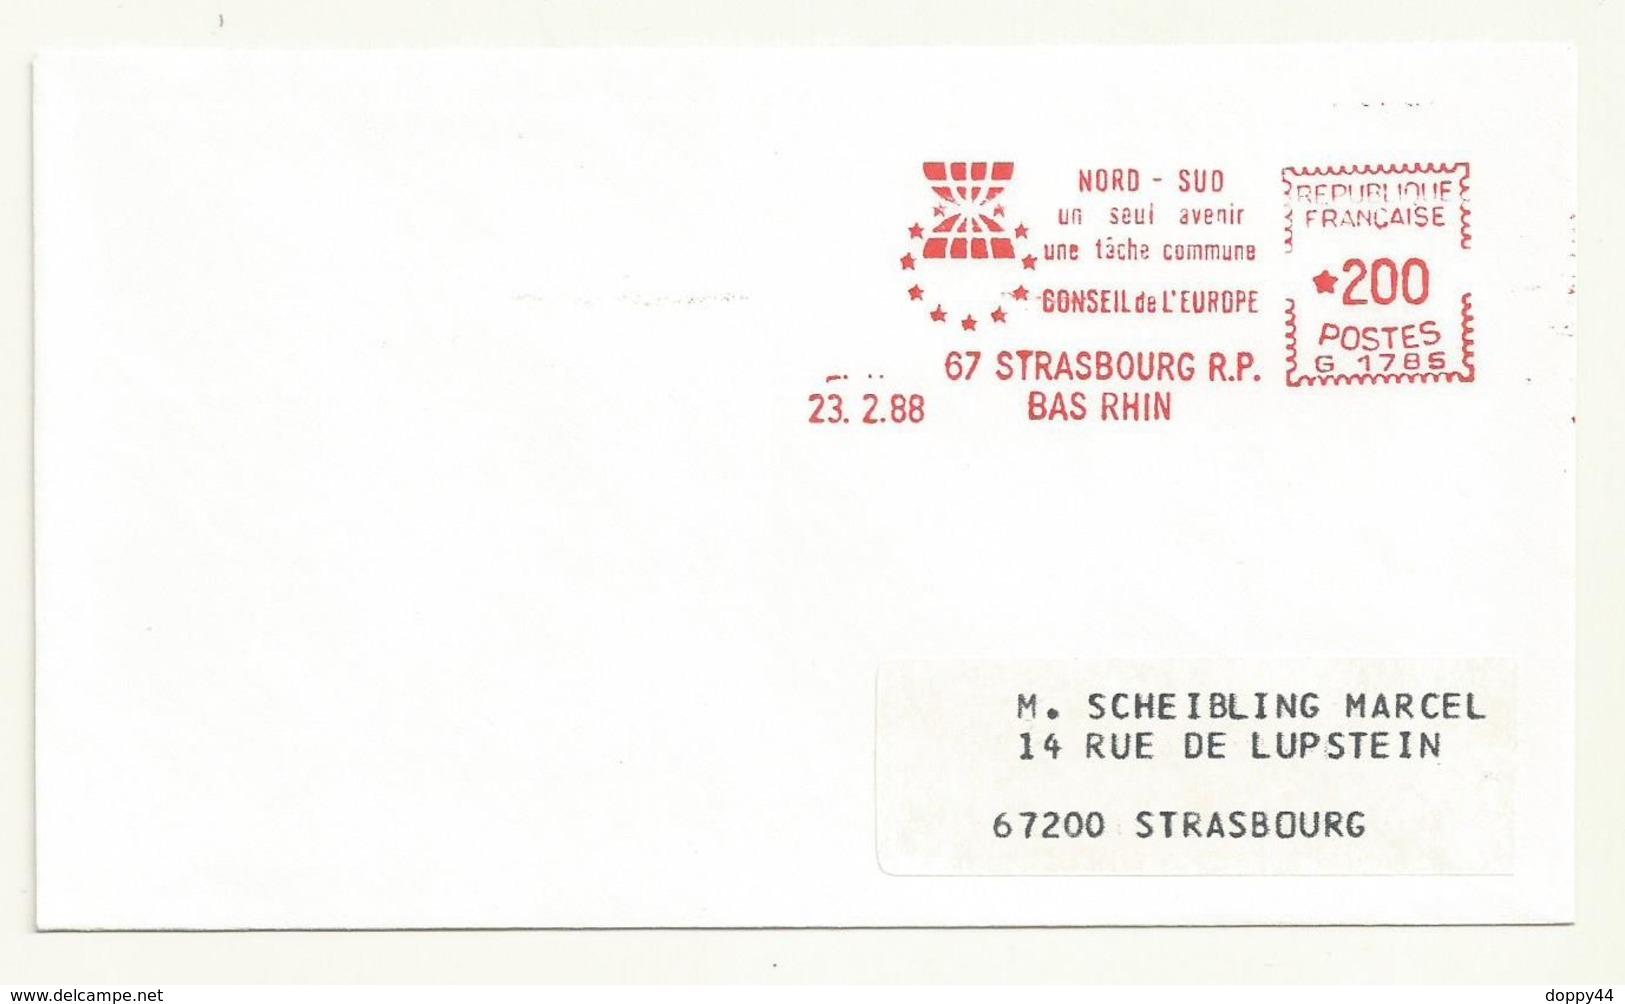 THEME EUROPE  OBLITERATION NORD/SUD UN SEUL AVENIR UNE TACHE COMMUNE  CONSEIL DE L'EUROPE  23/02/1988 - Mechanische Stempels (varia)